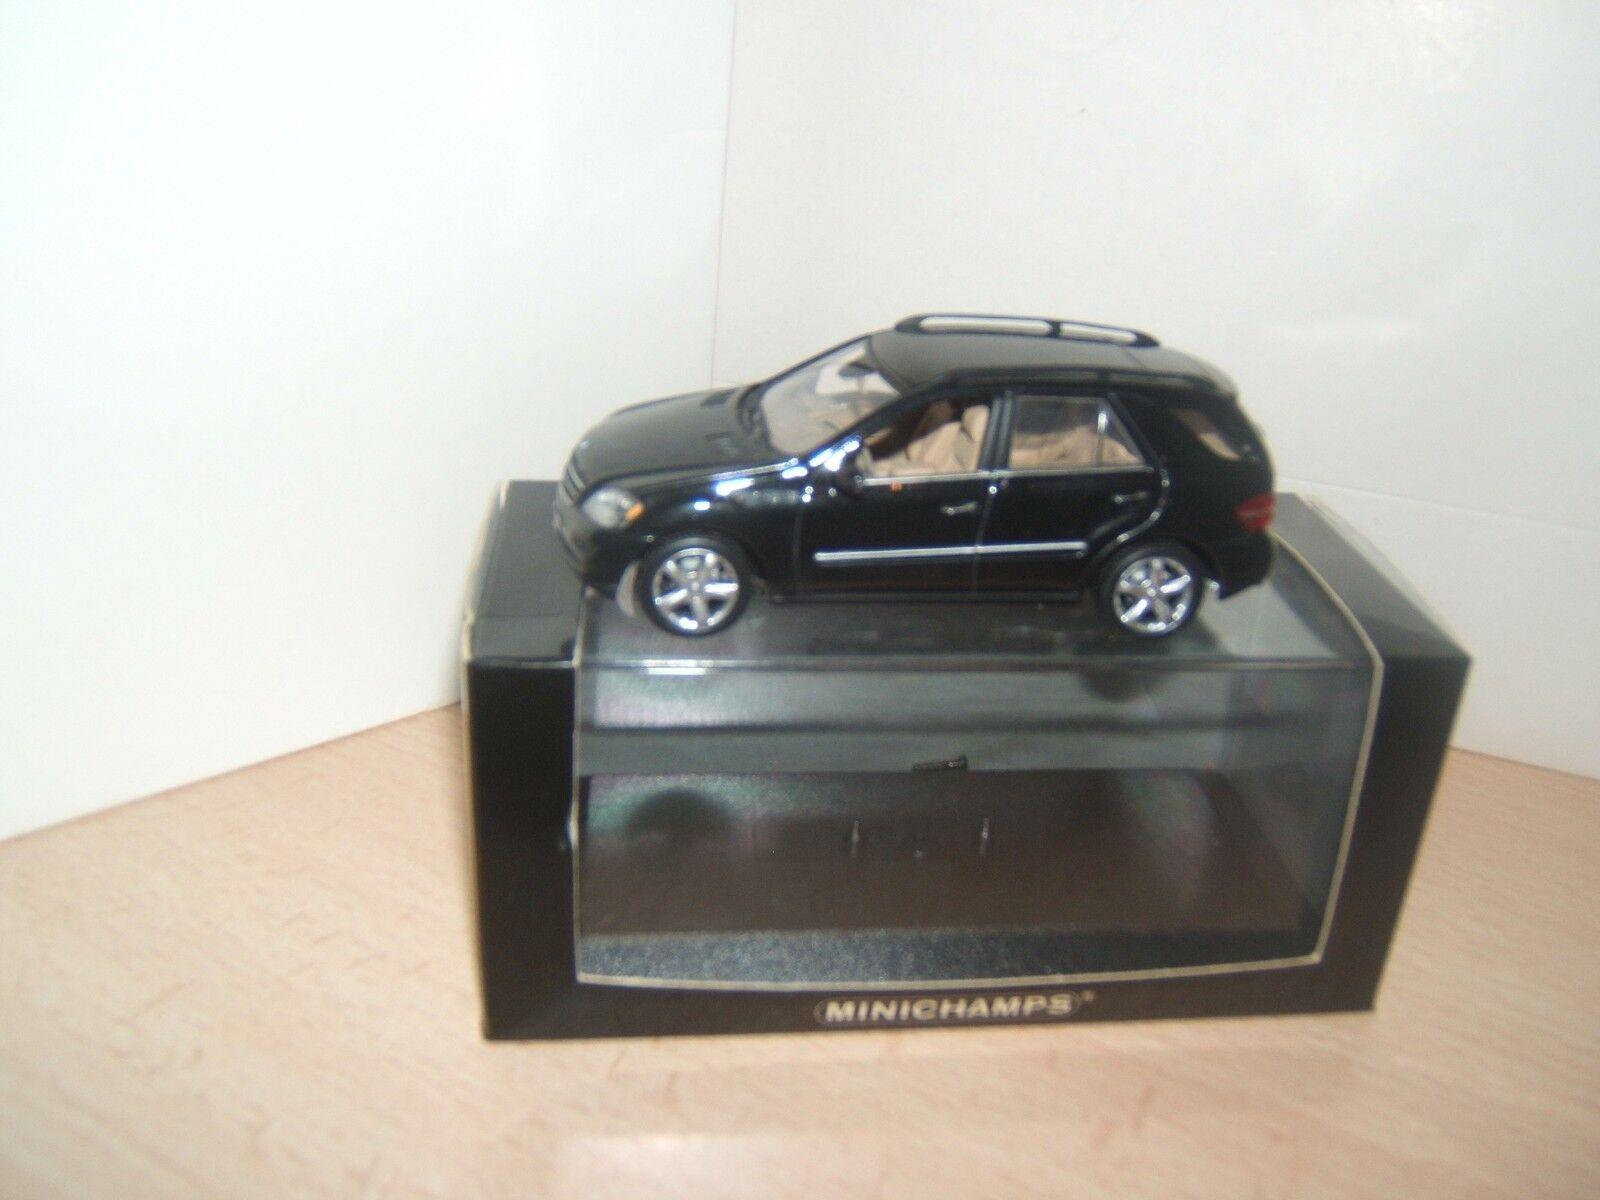 Mercedes benz  class m 2005 1 43 minichamps  réduction en ligne